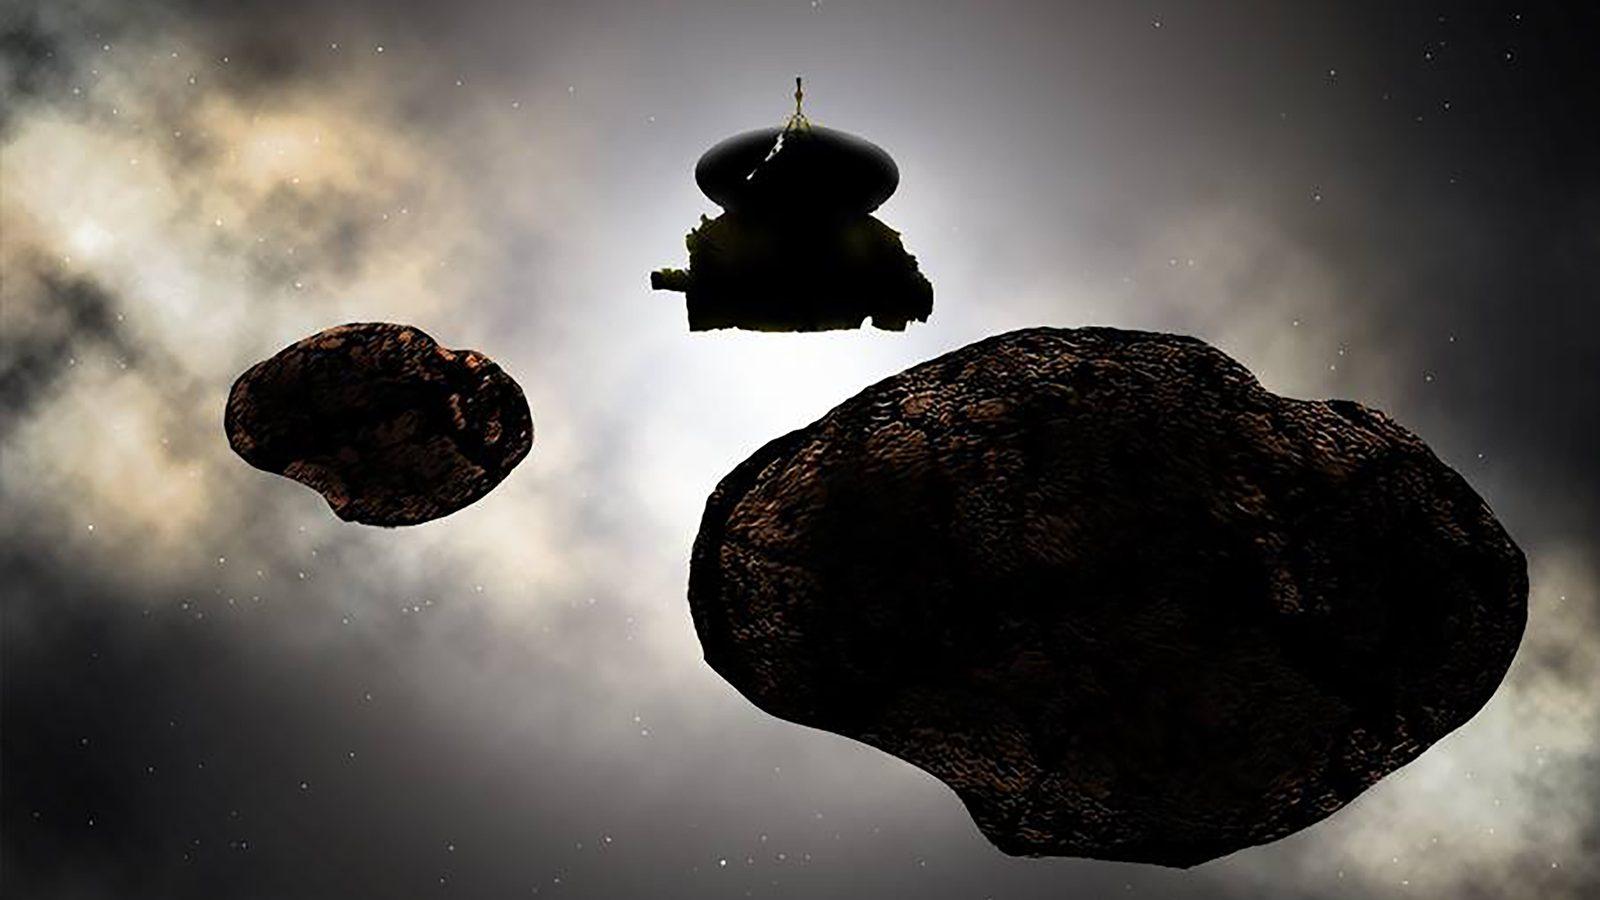 New Horizons 2014 MU69 flyby